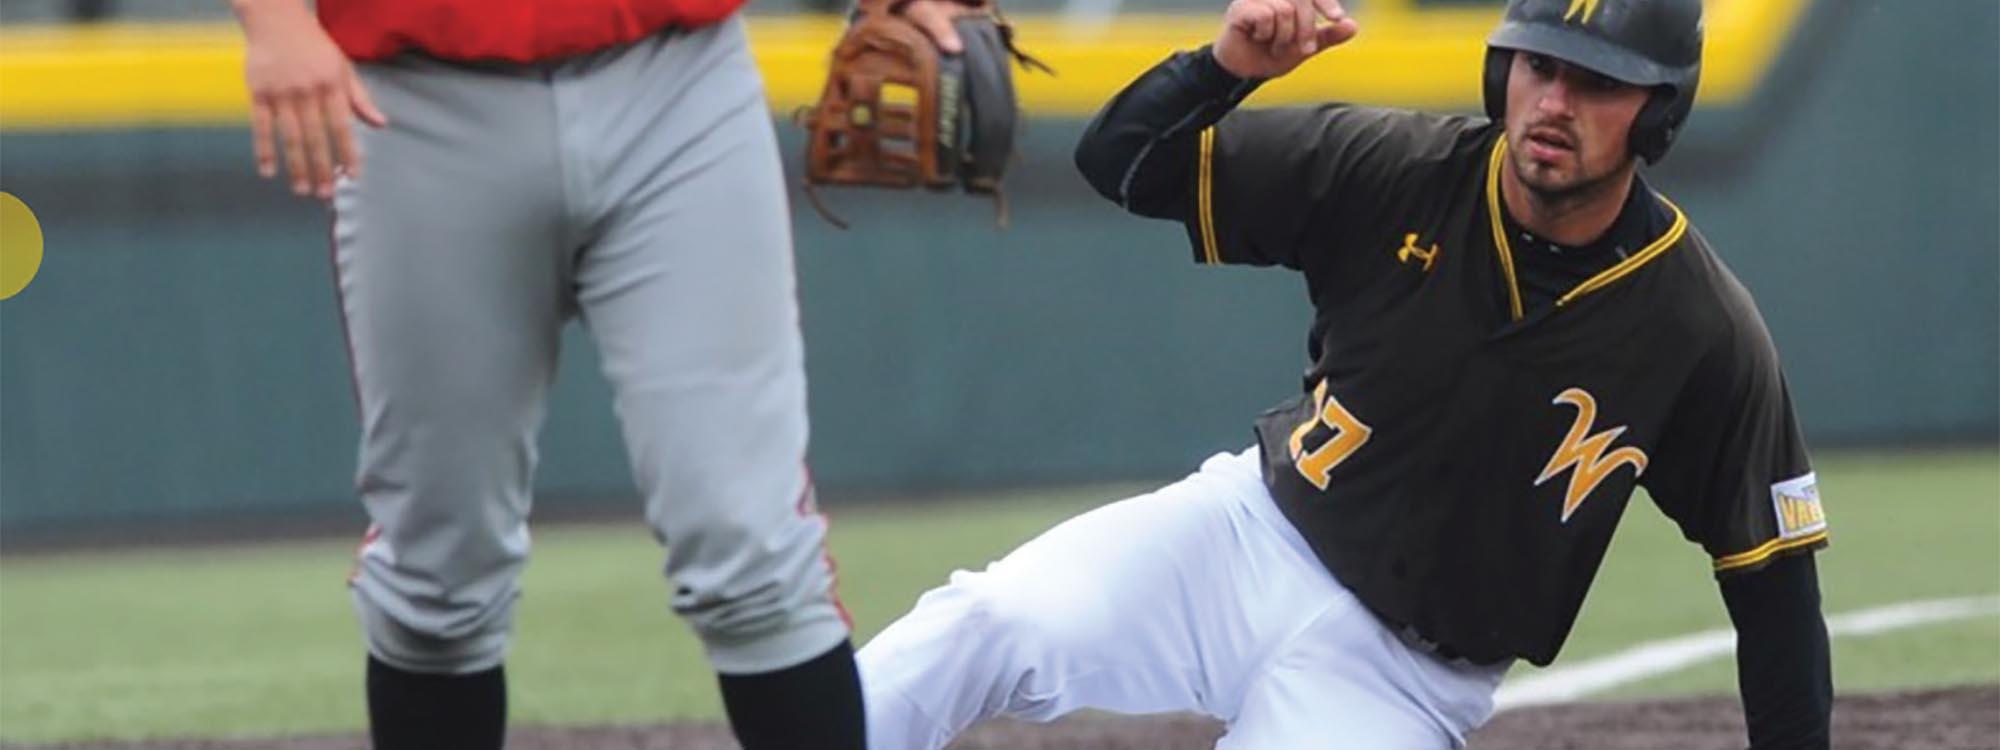 Wichita baseball player